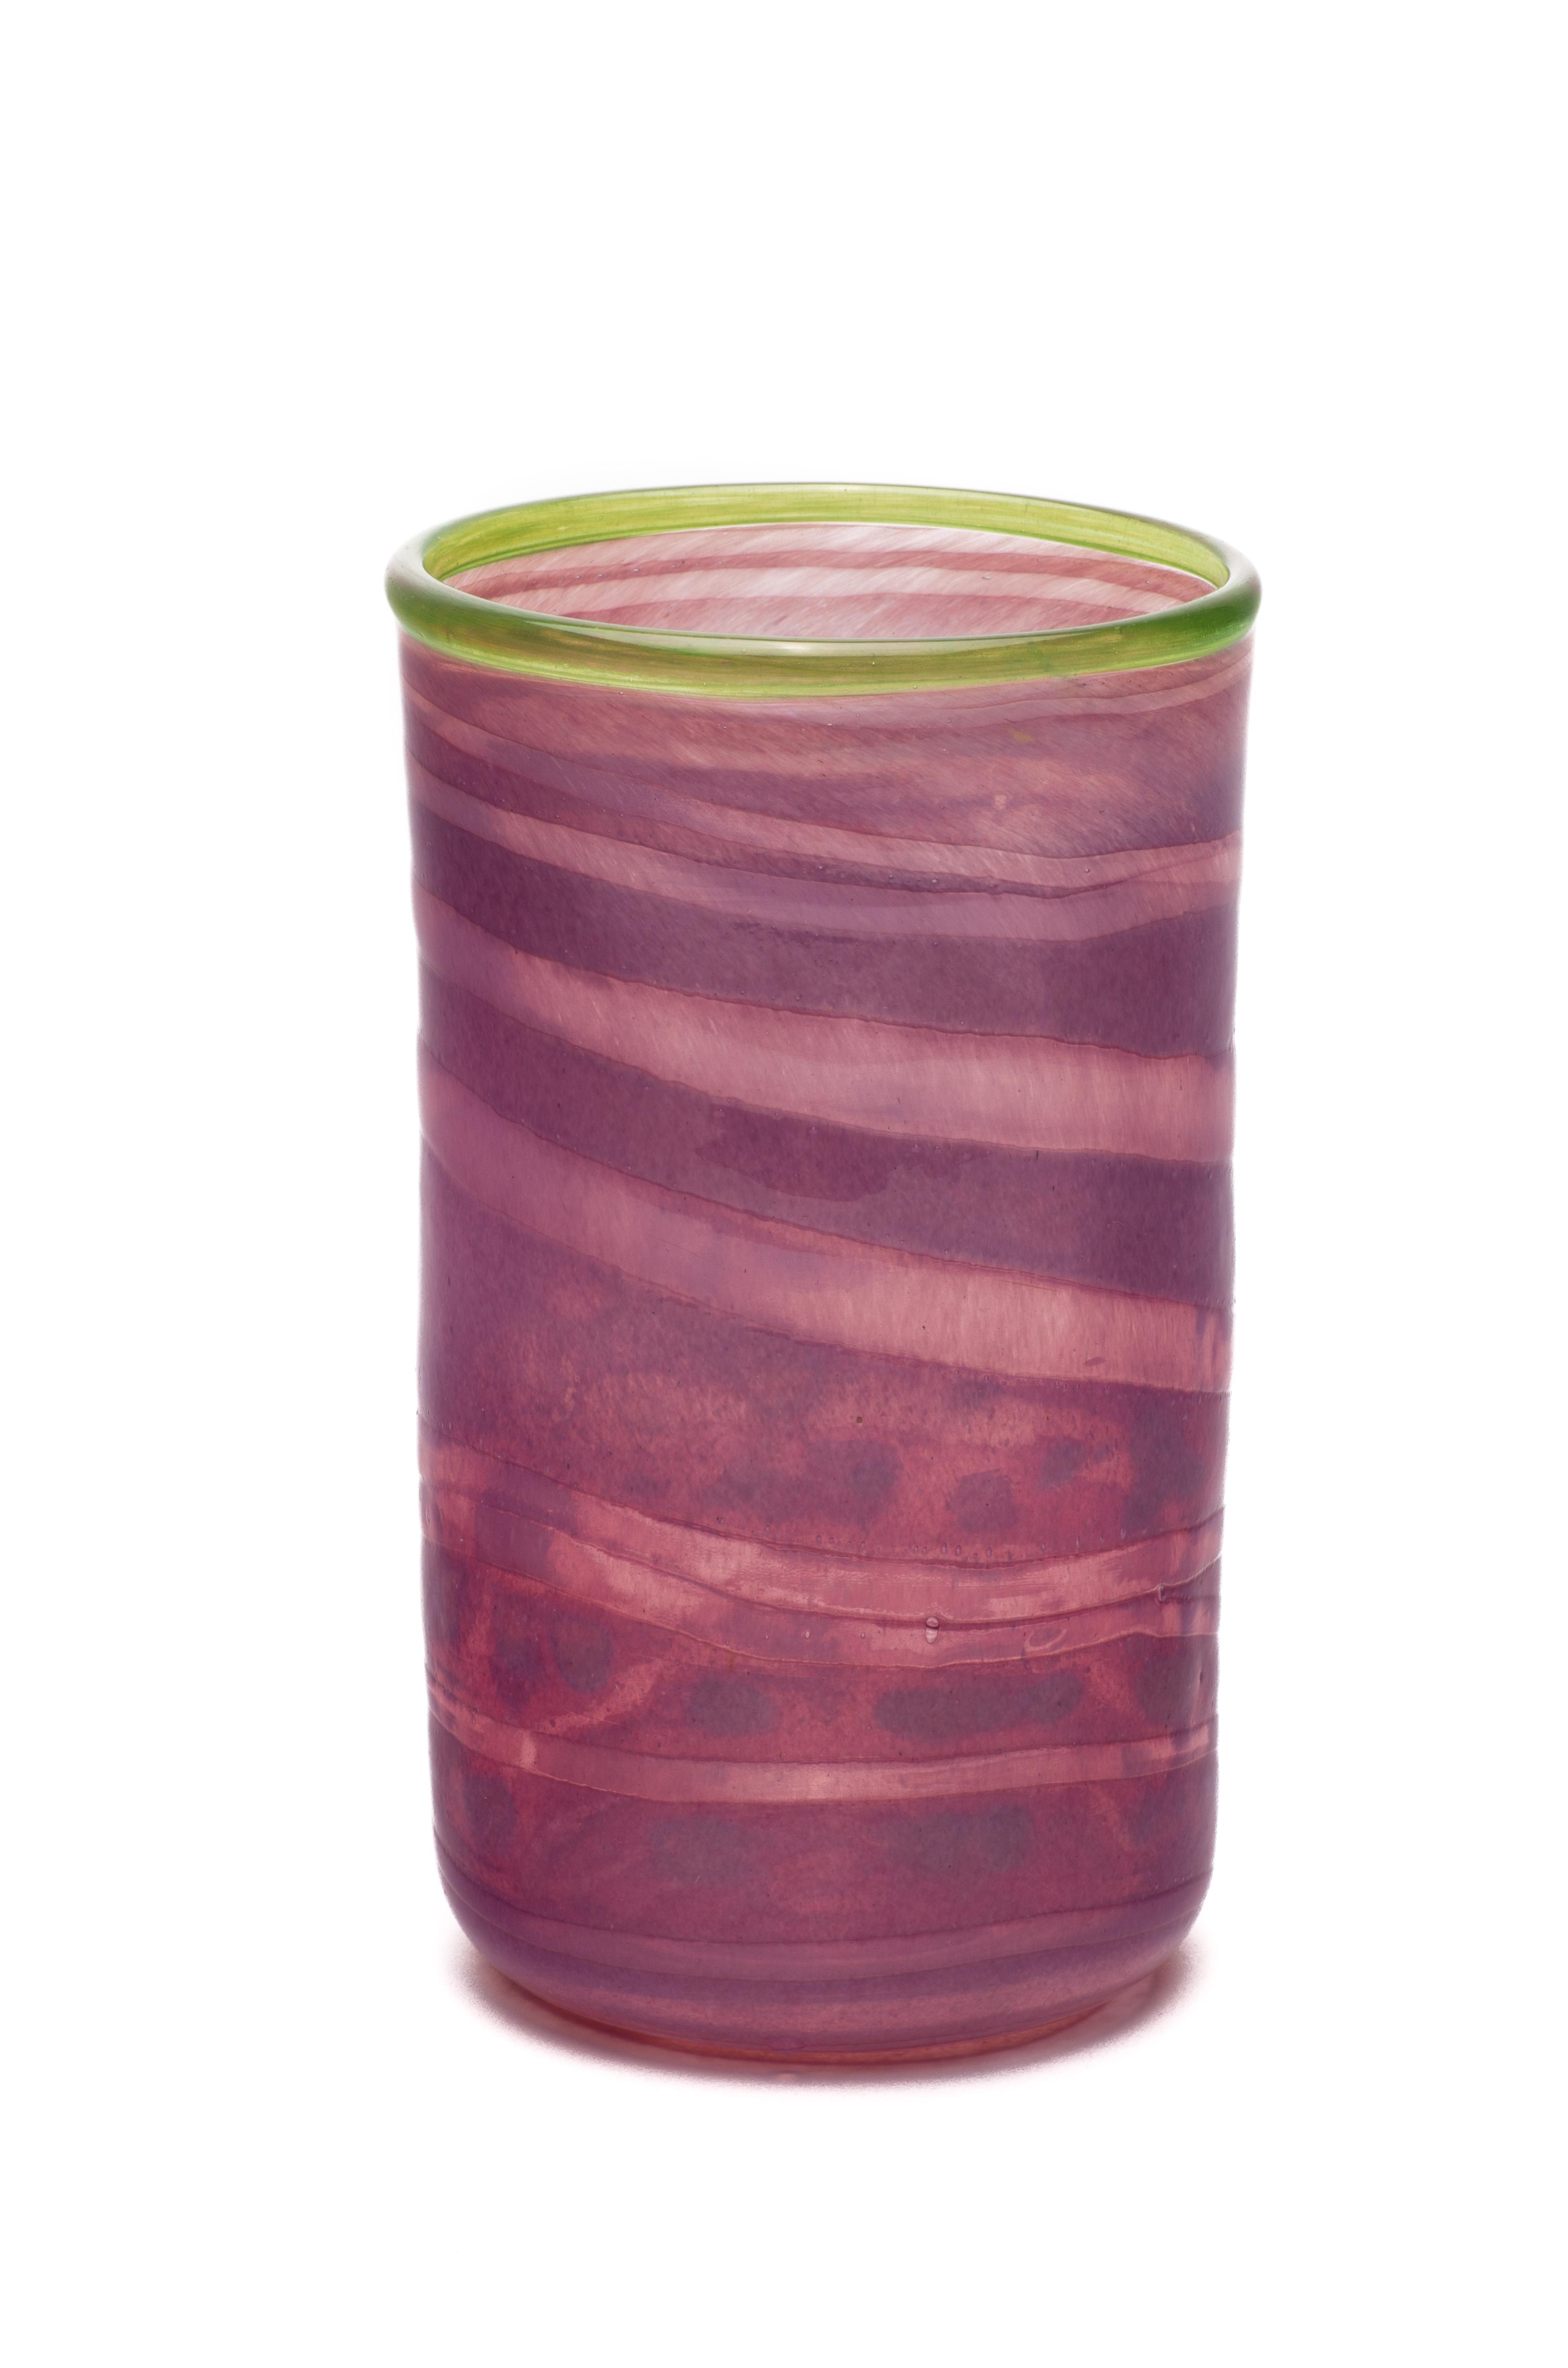 purpur med spiral og grønn